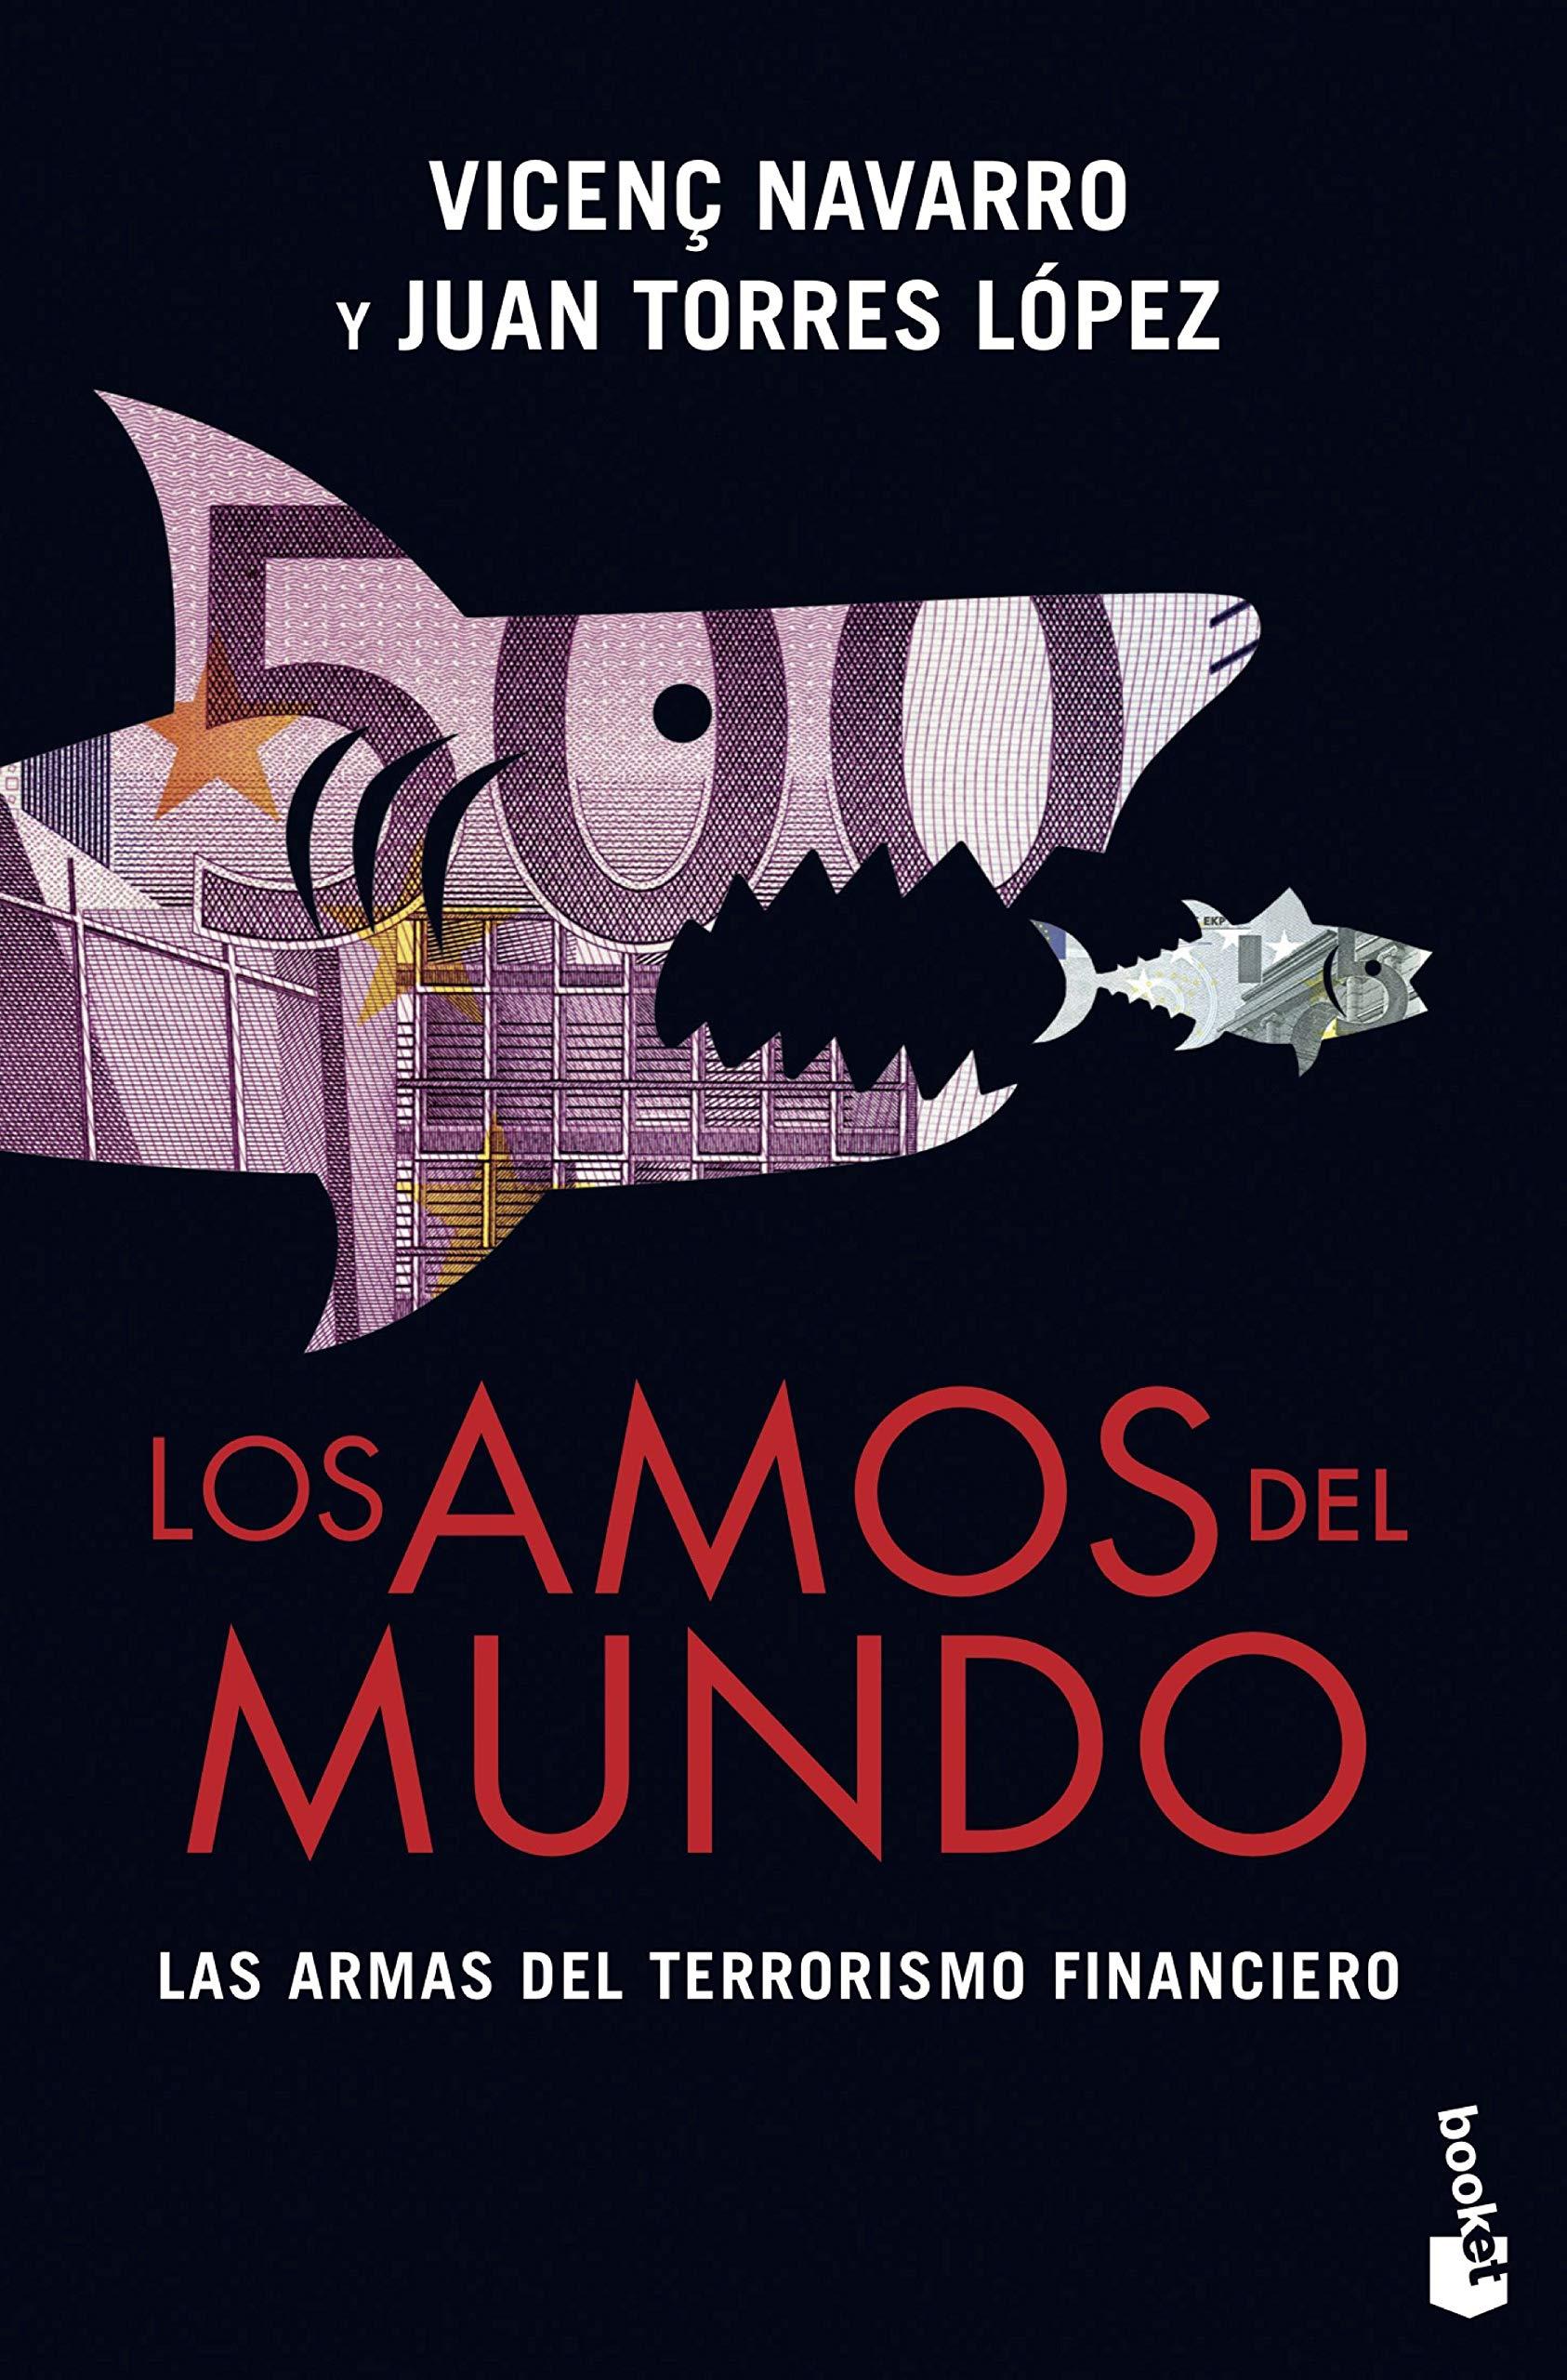 Los amos del mundo: Las armas del terrorismo financiero: 1 Divulgación: Amazon.es: Navarro, Vicenç, Torres López, Juan: Libros